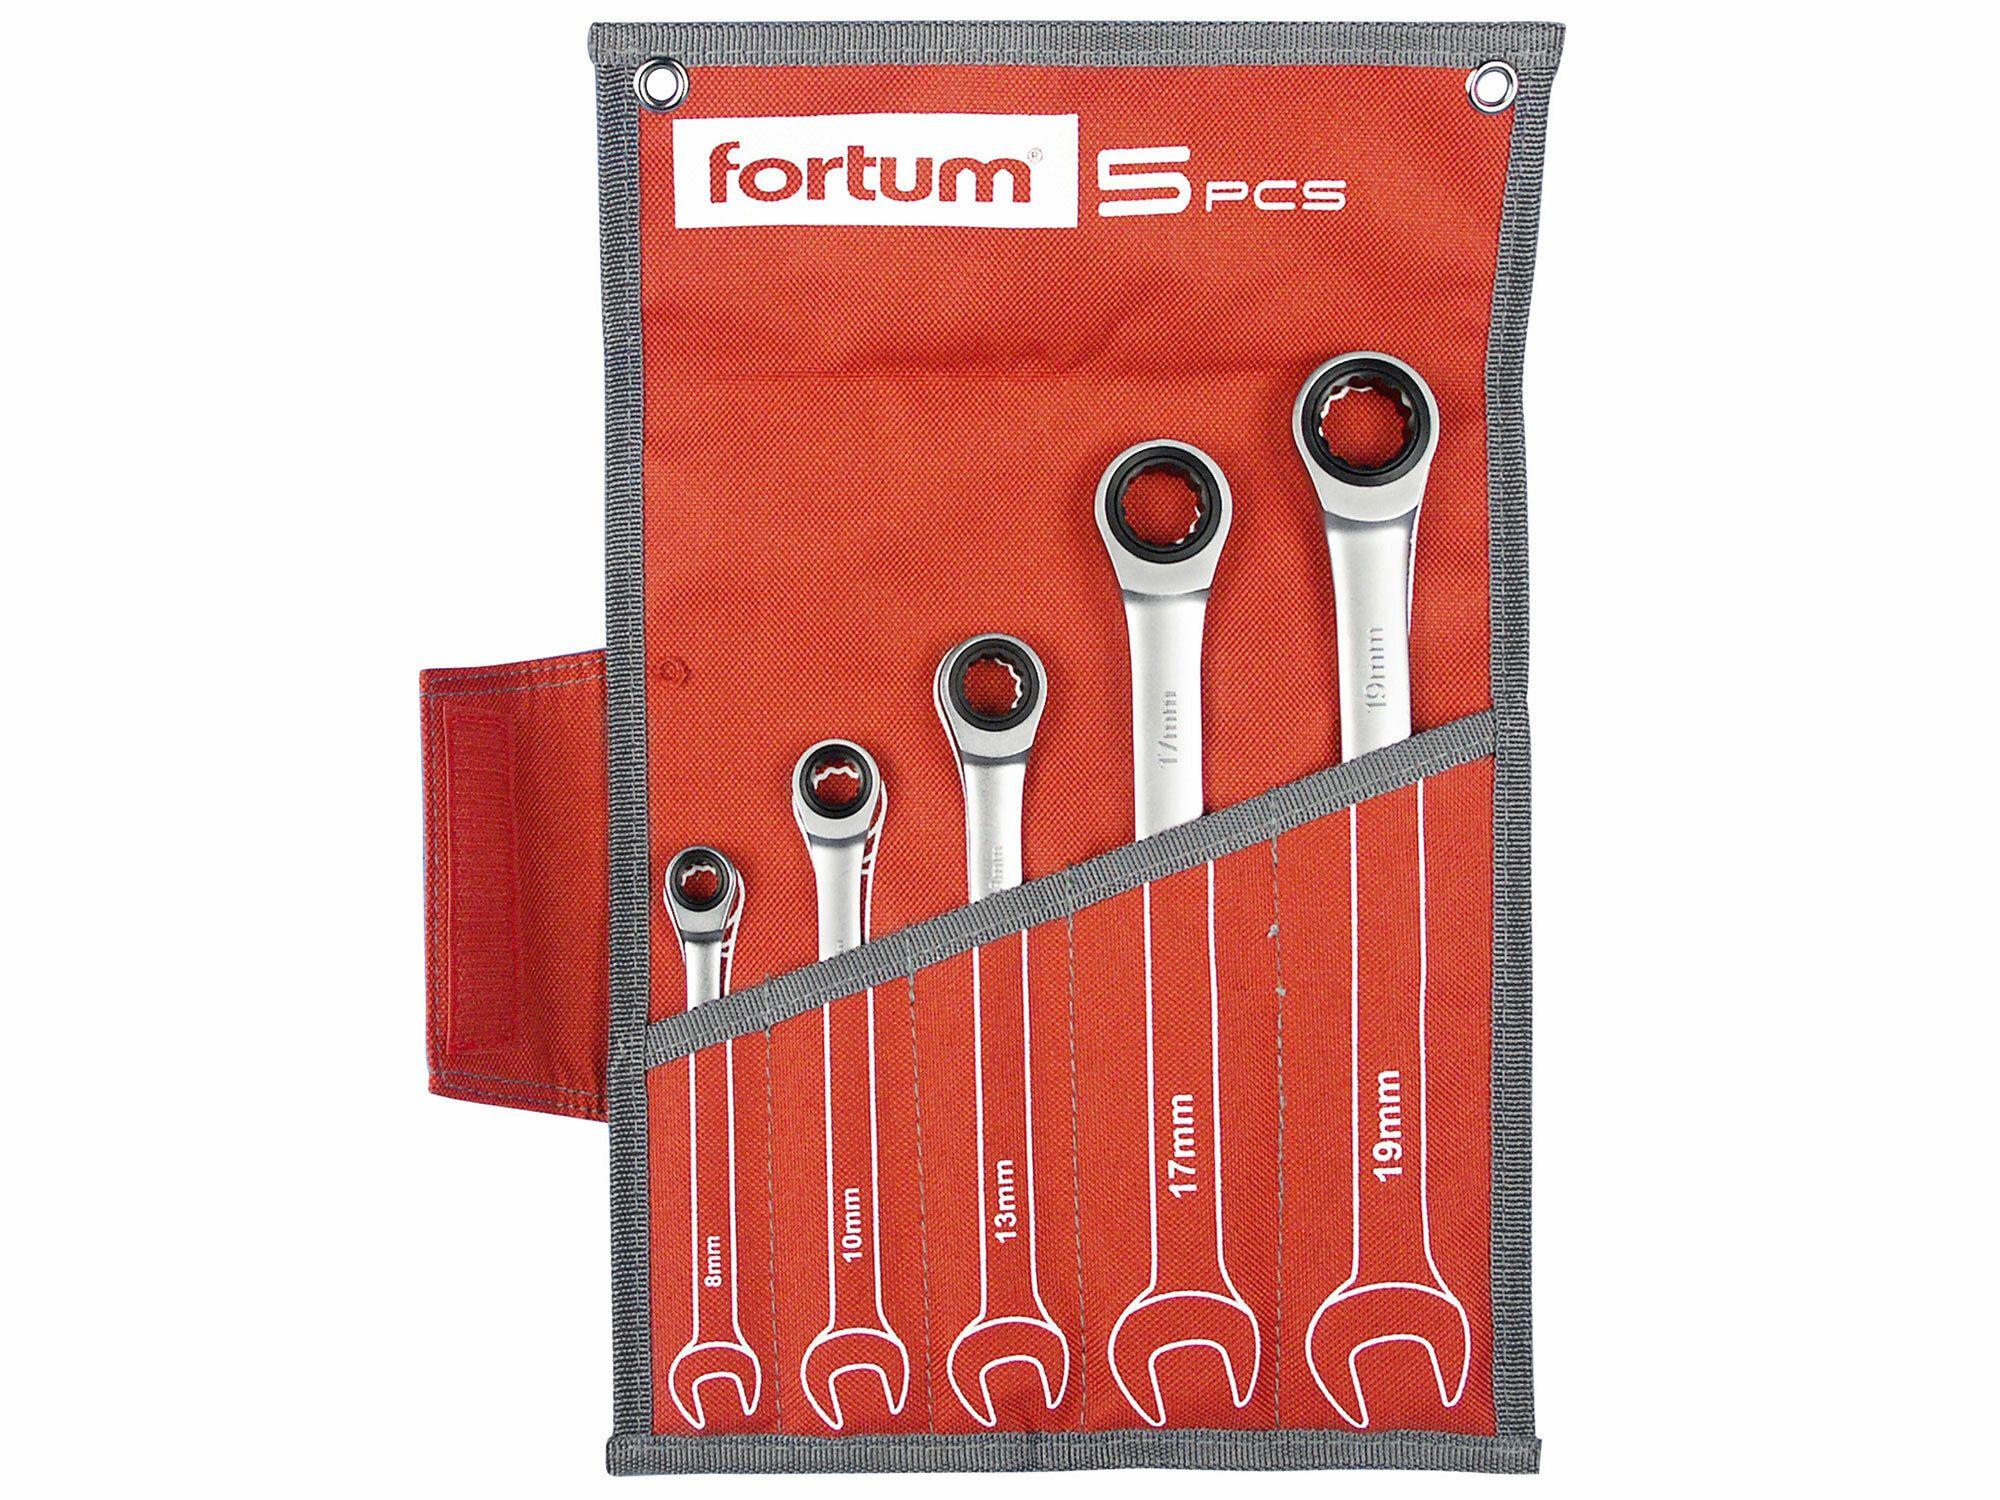 Klíče ráčnové očkoploché, sada 5ks, 8-10-13-17-19mm, CrV/S2 FORTUM